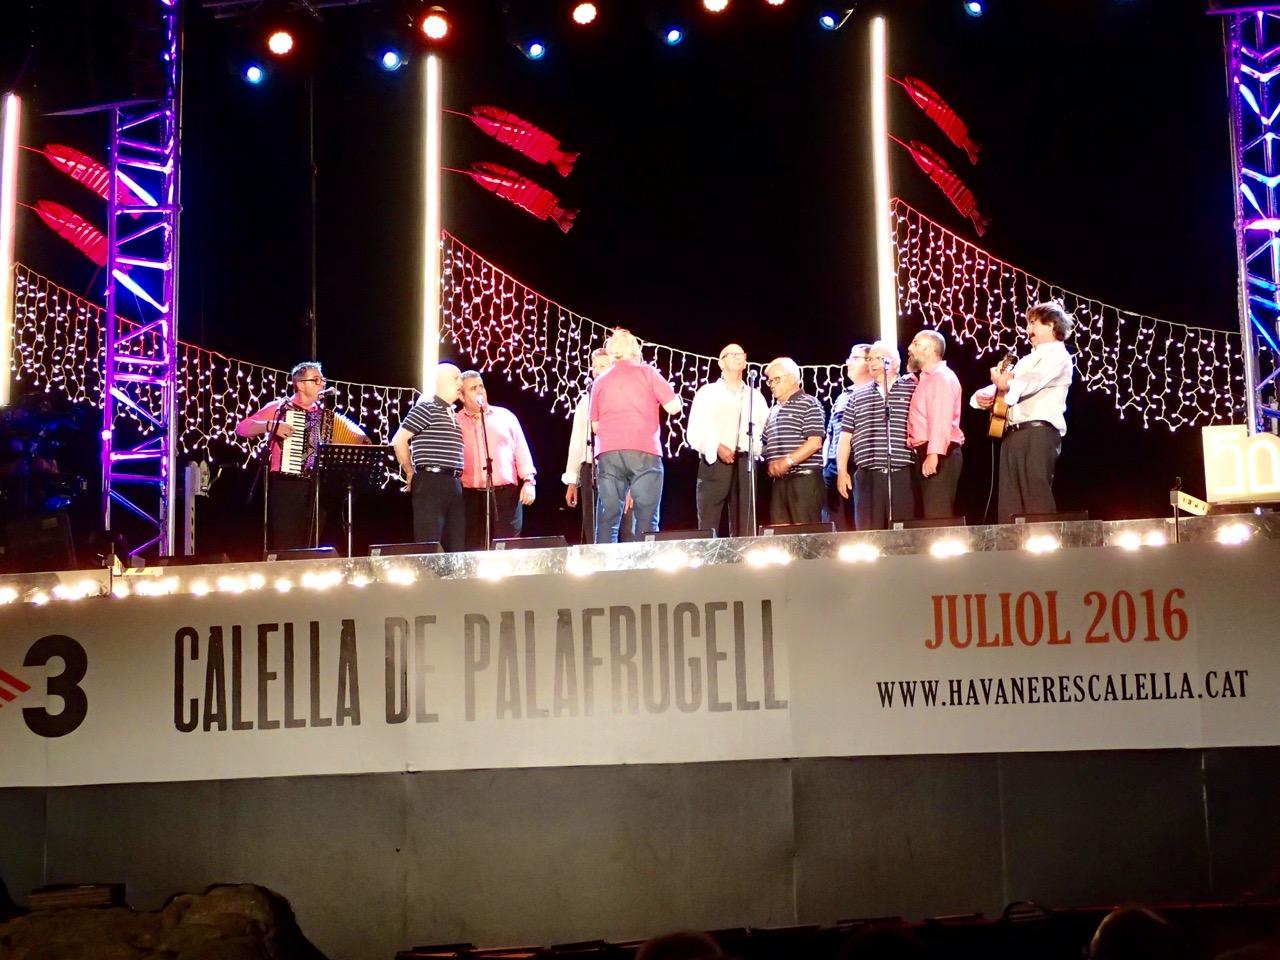 Habaneras Calella